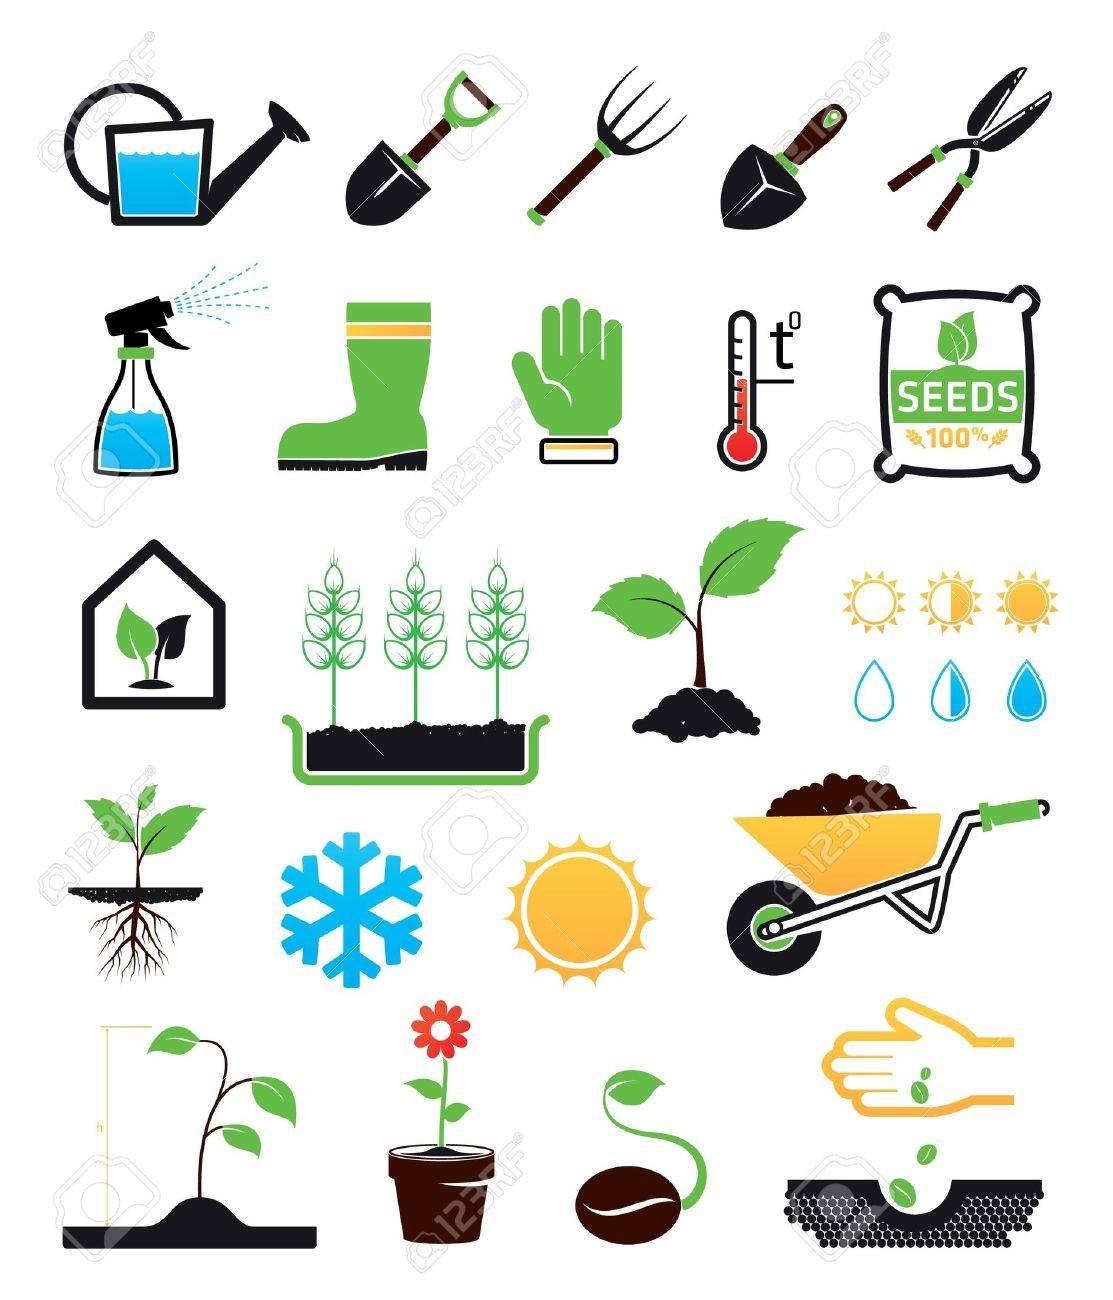 Gardening icons set - 20654378